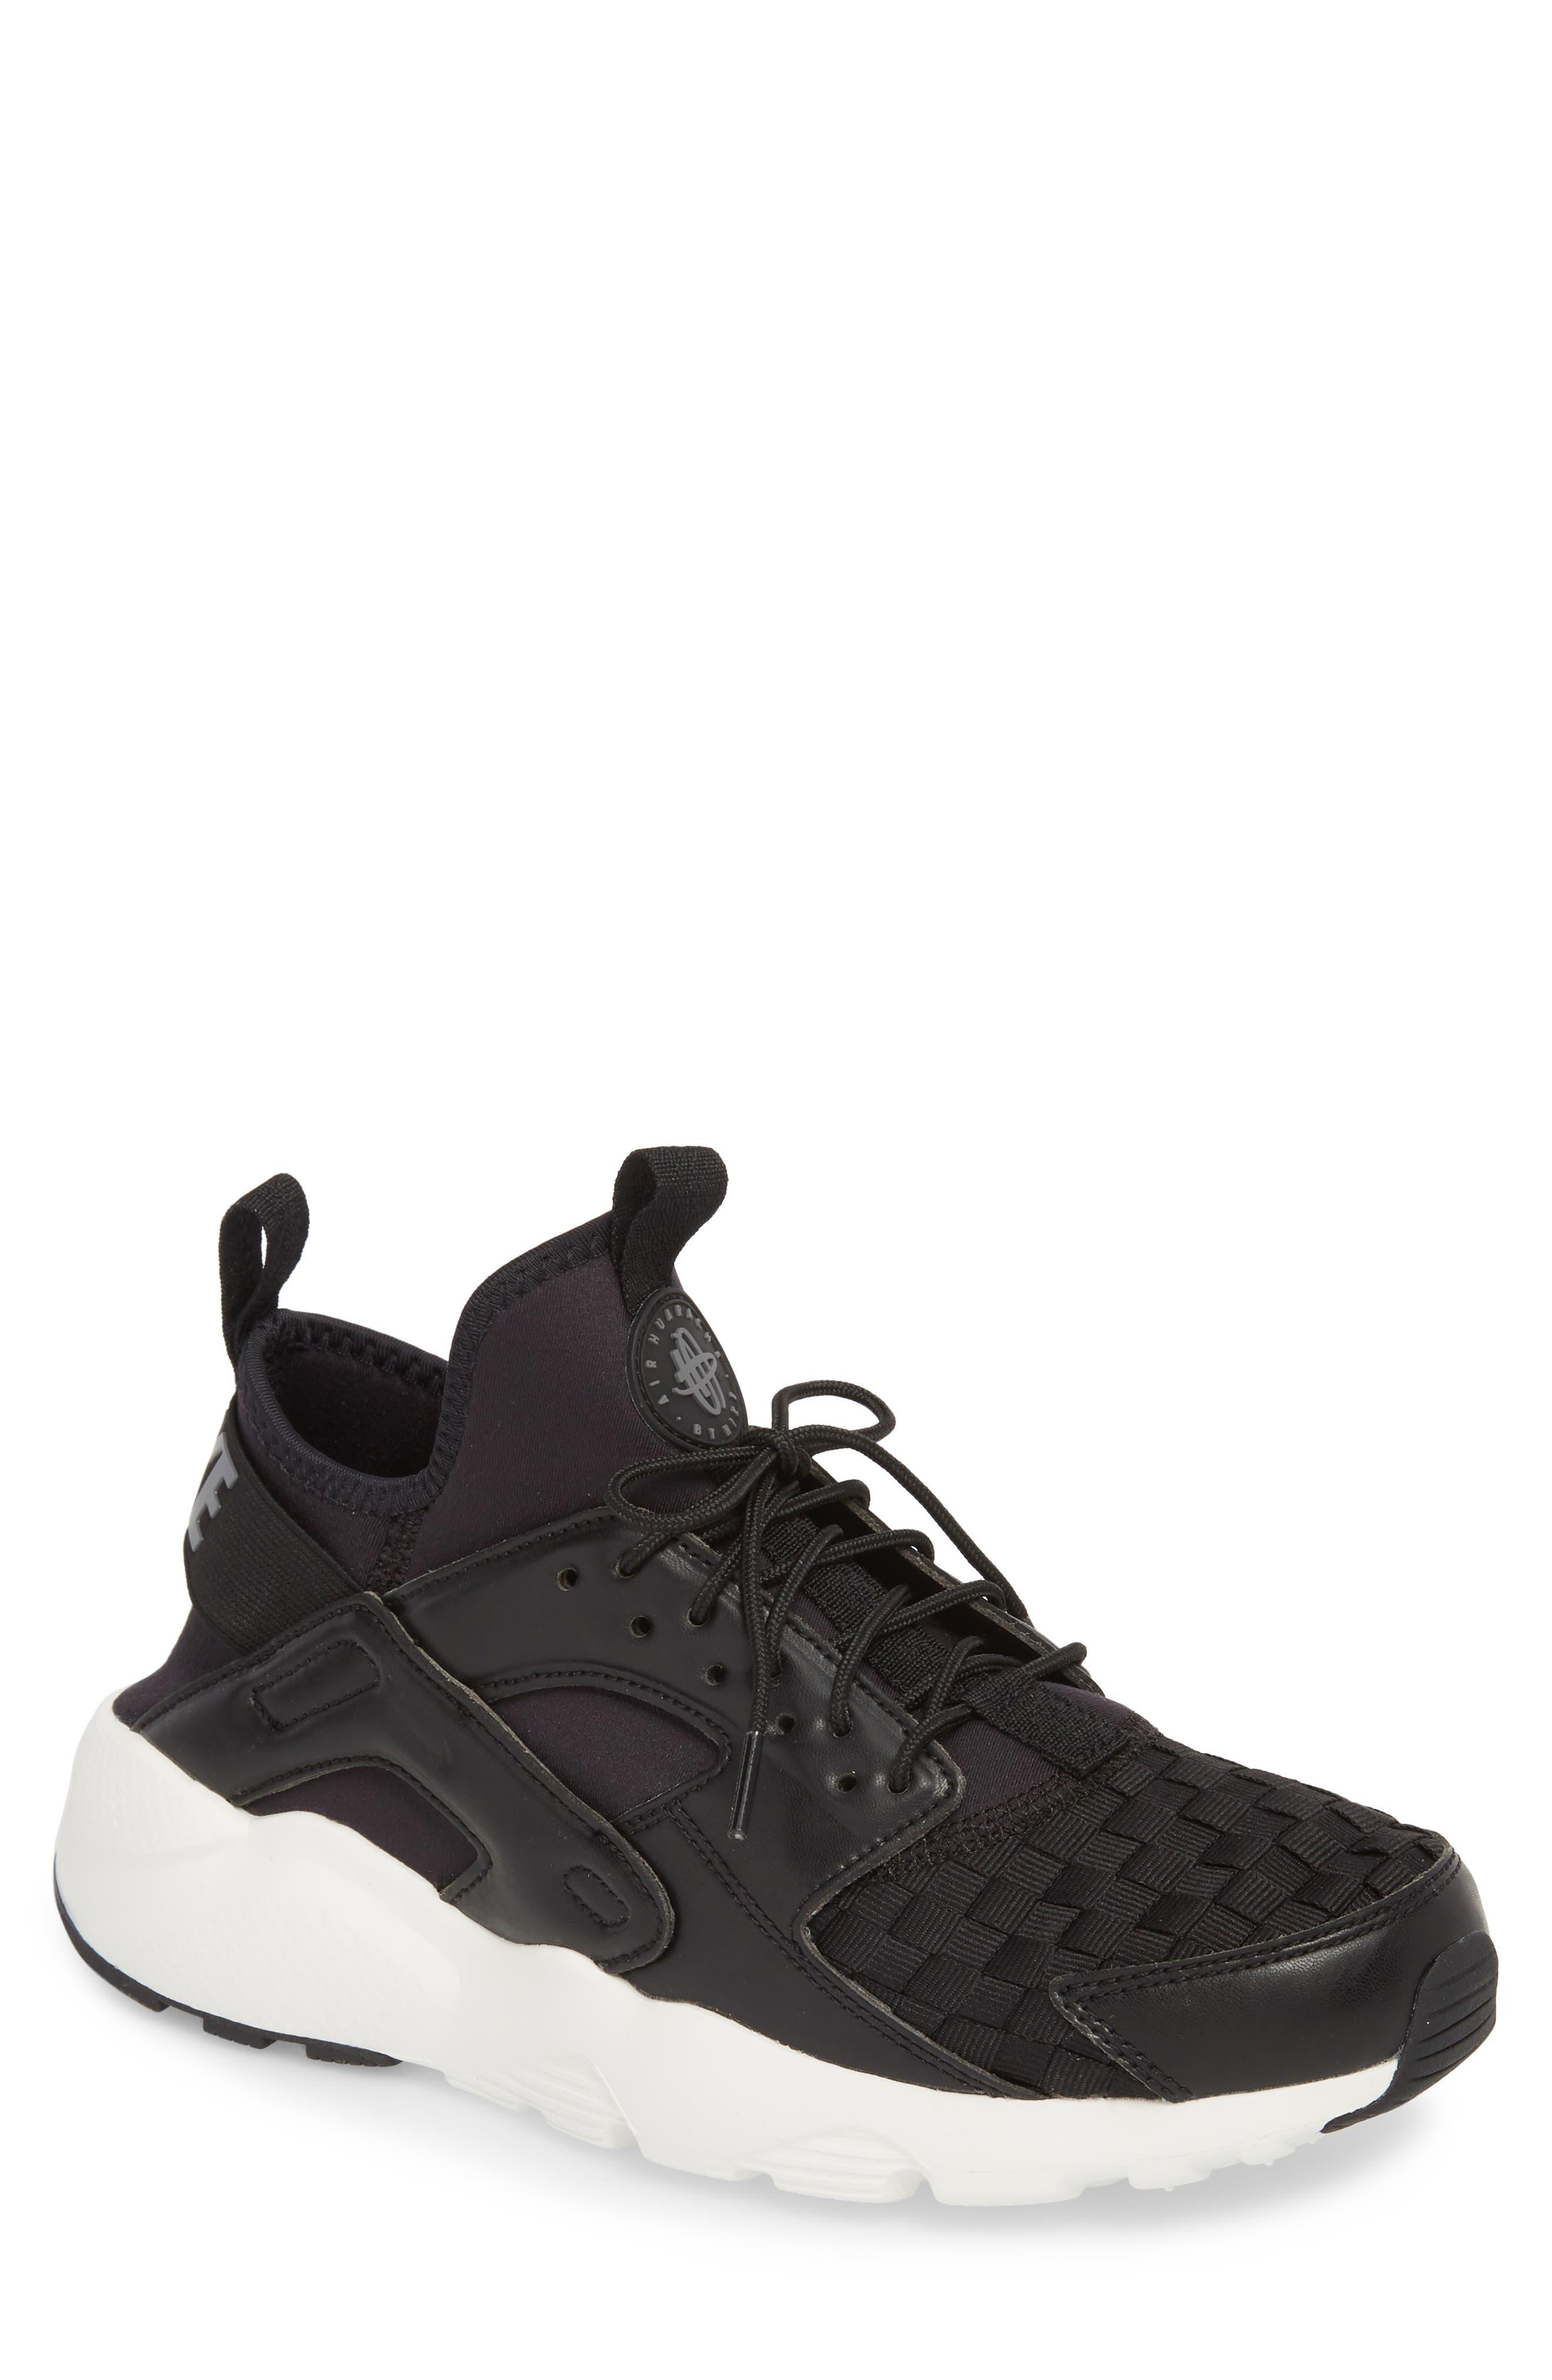 Main Image - Nike Air Huarache Run Ultra SE Sneaker (Men)